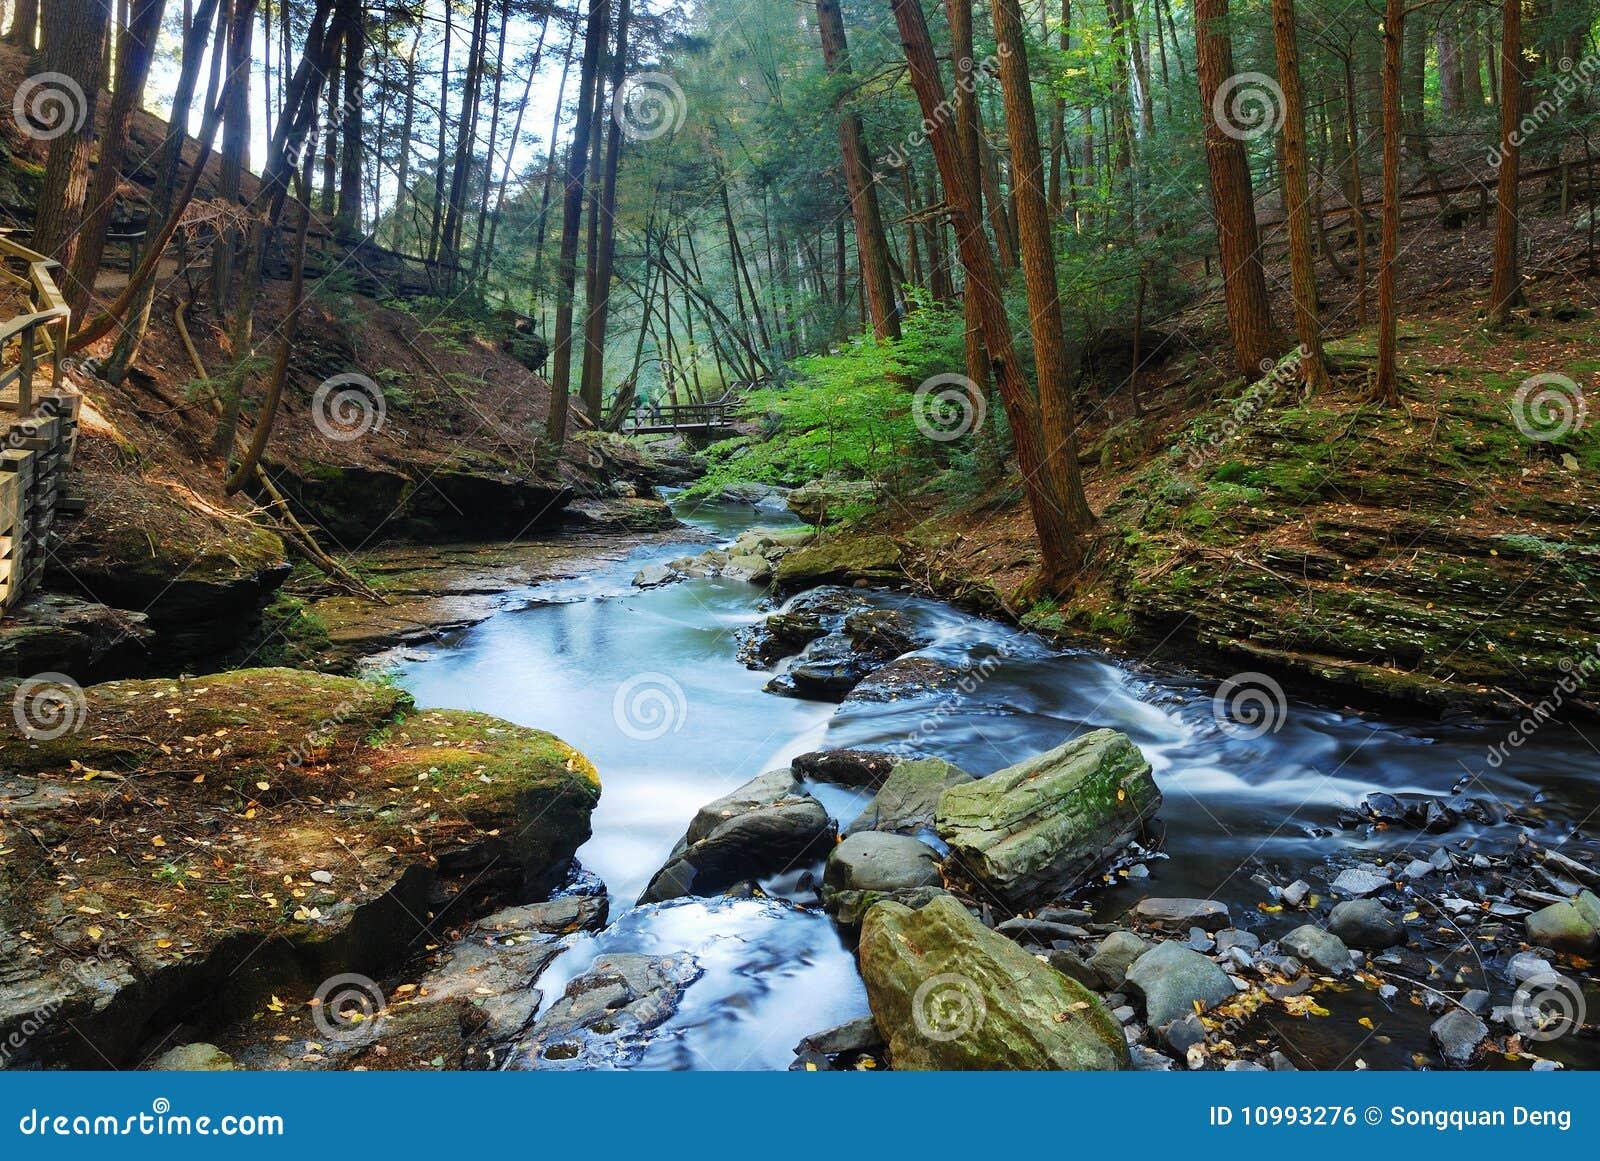 Hidden In The Woods Stream